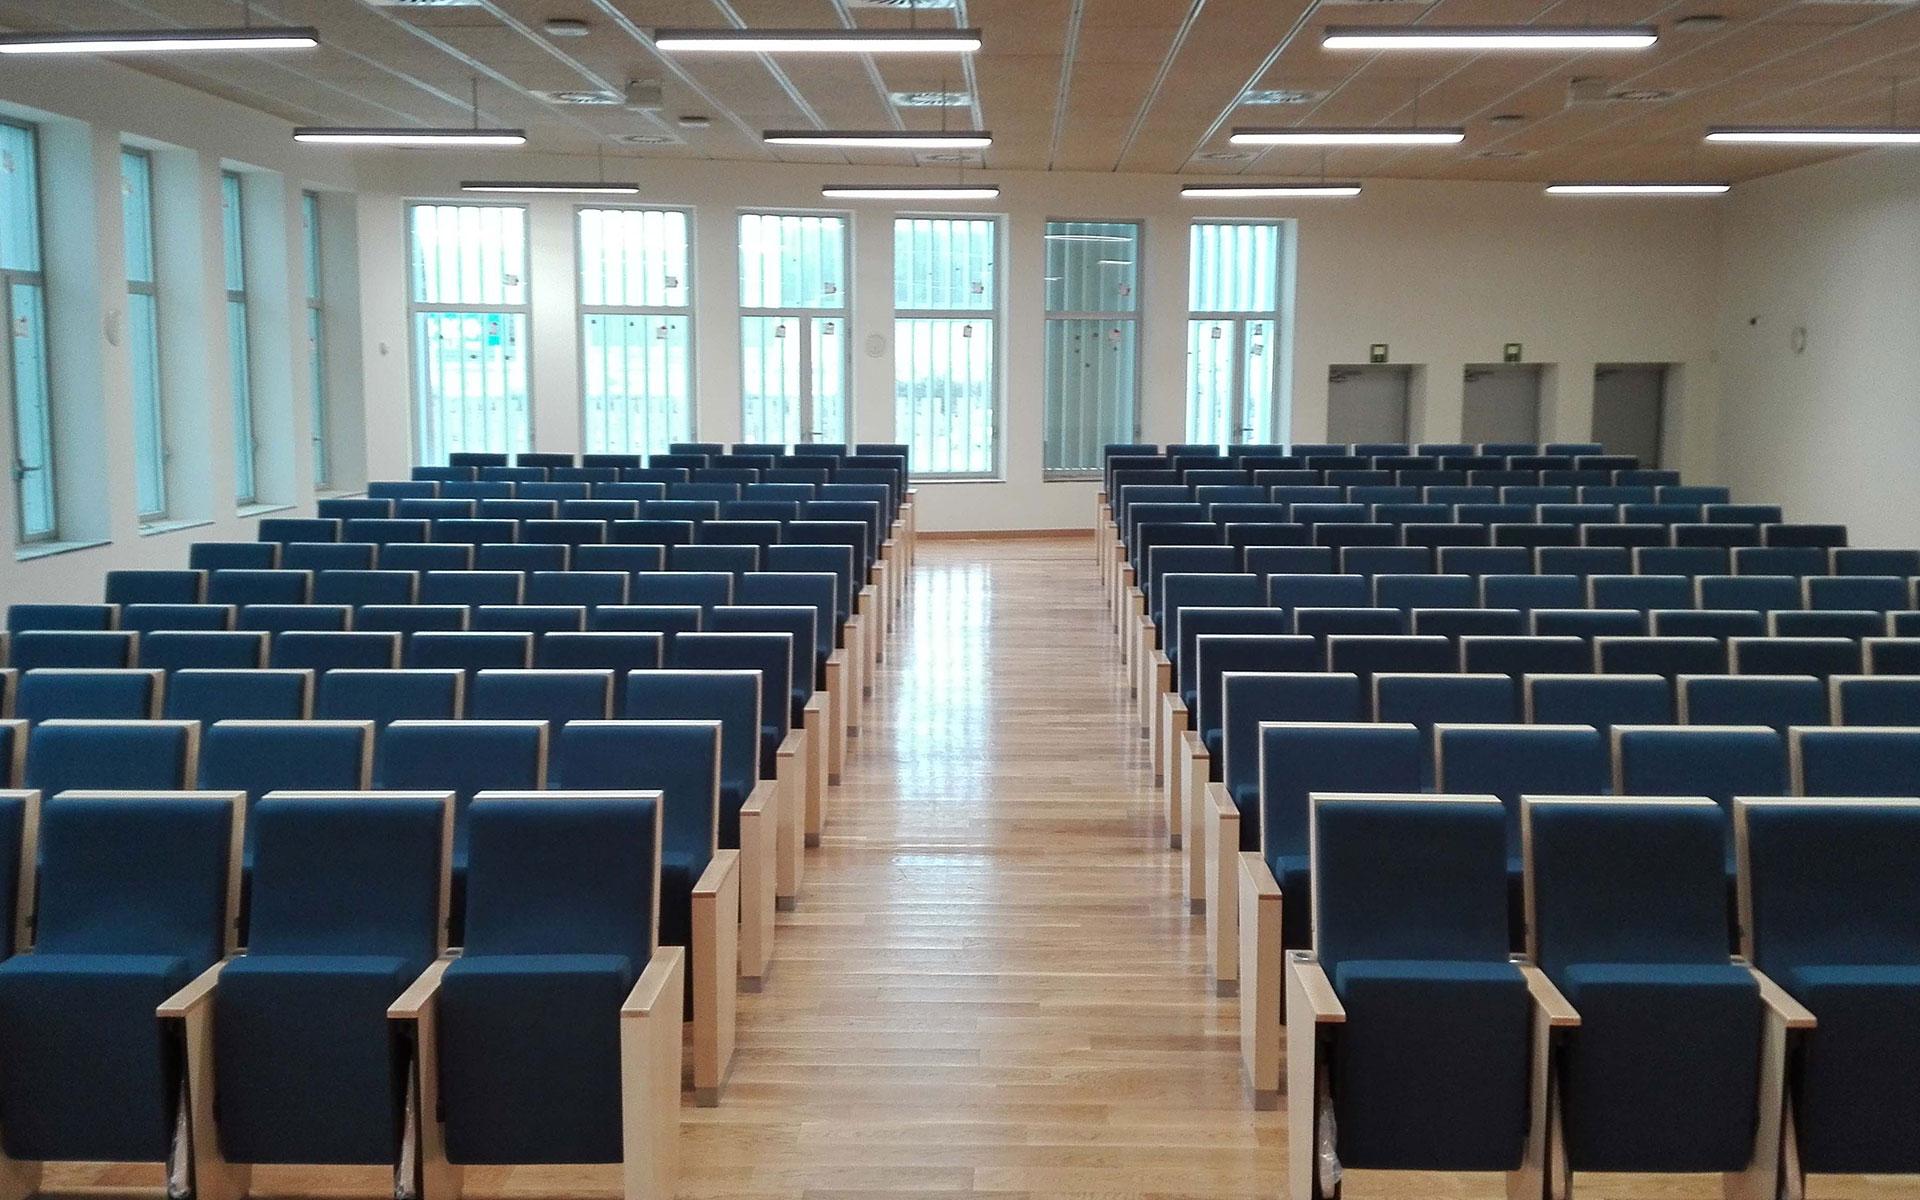 Proyectos butacas para auditorios euro seating for Universidad de moda barcelona